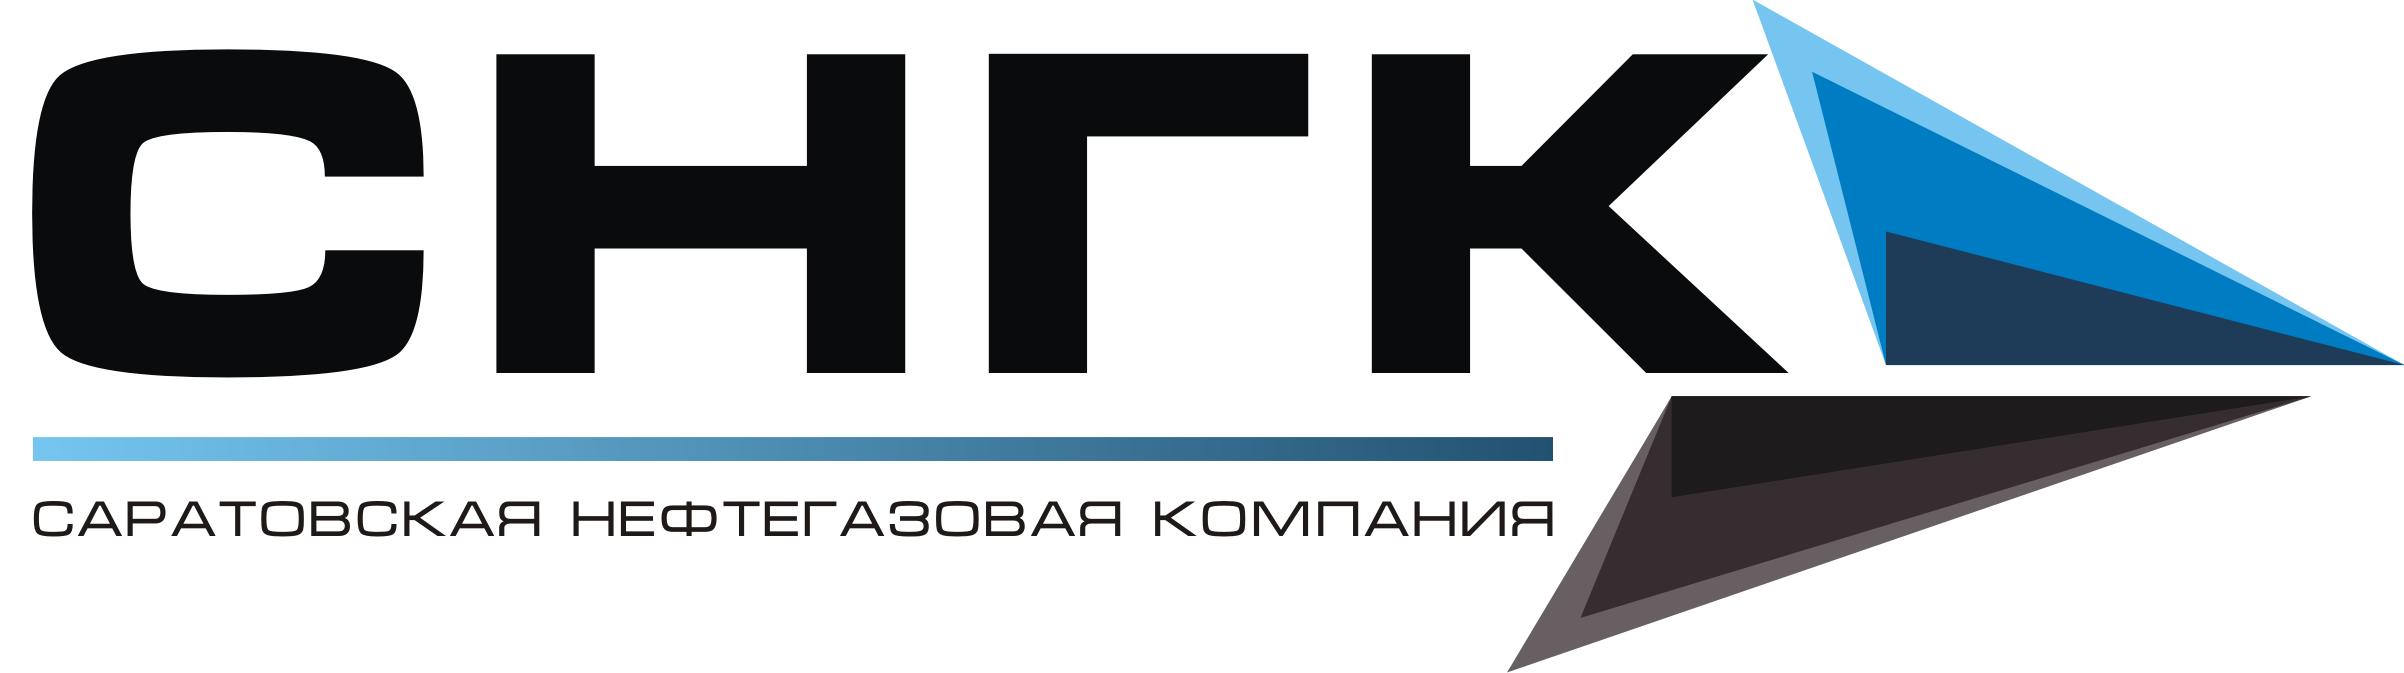 СНГК - Саратовская Нефтегазовая Компания